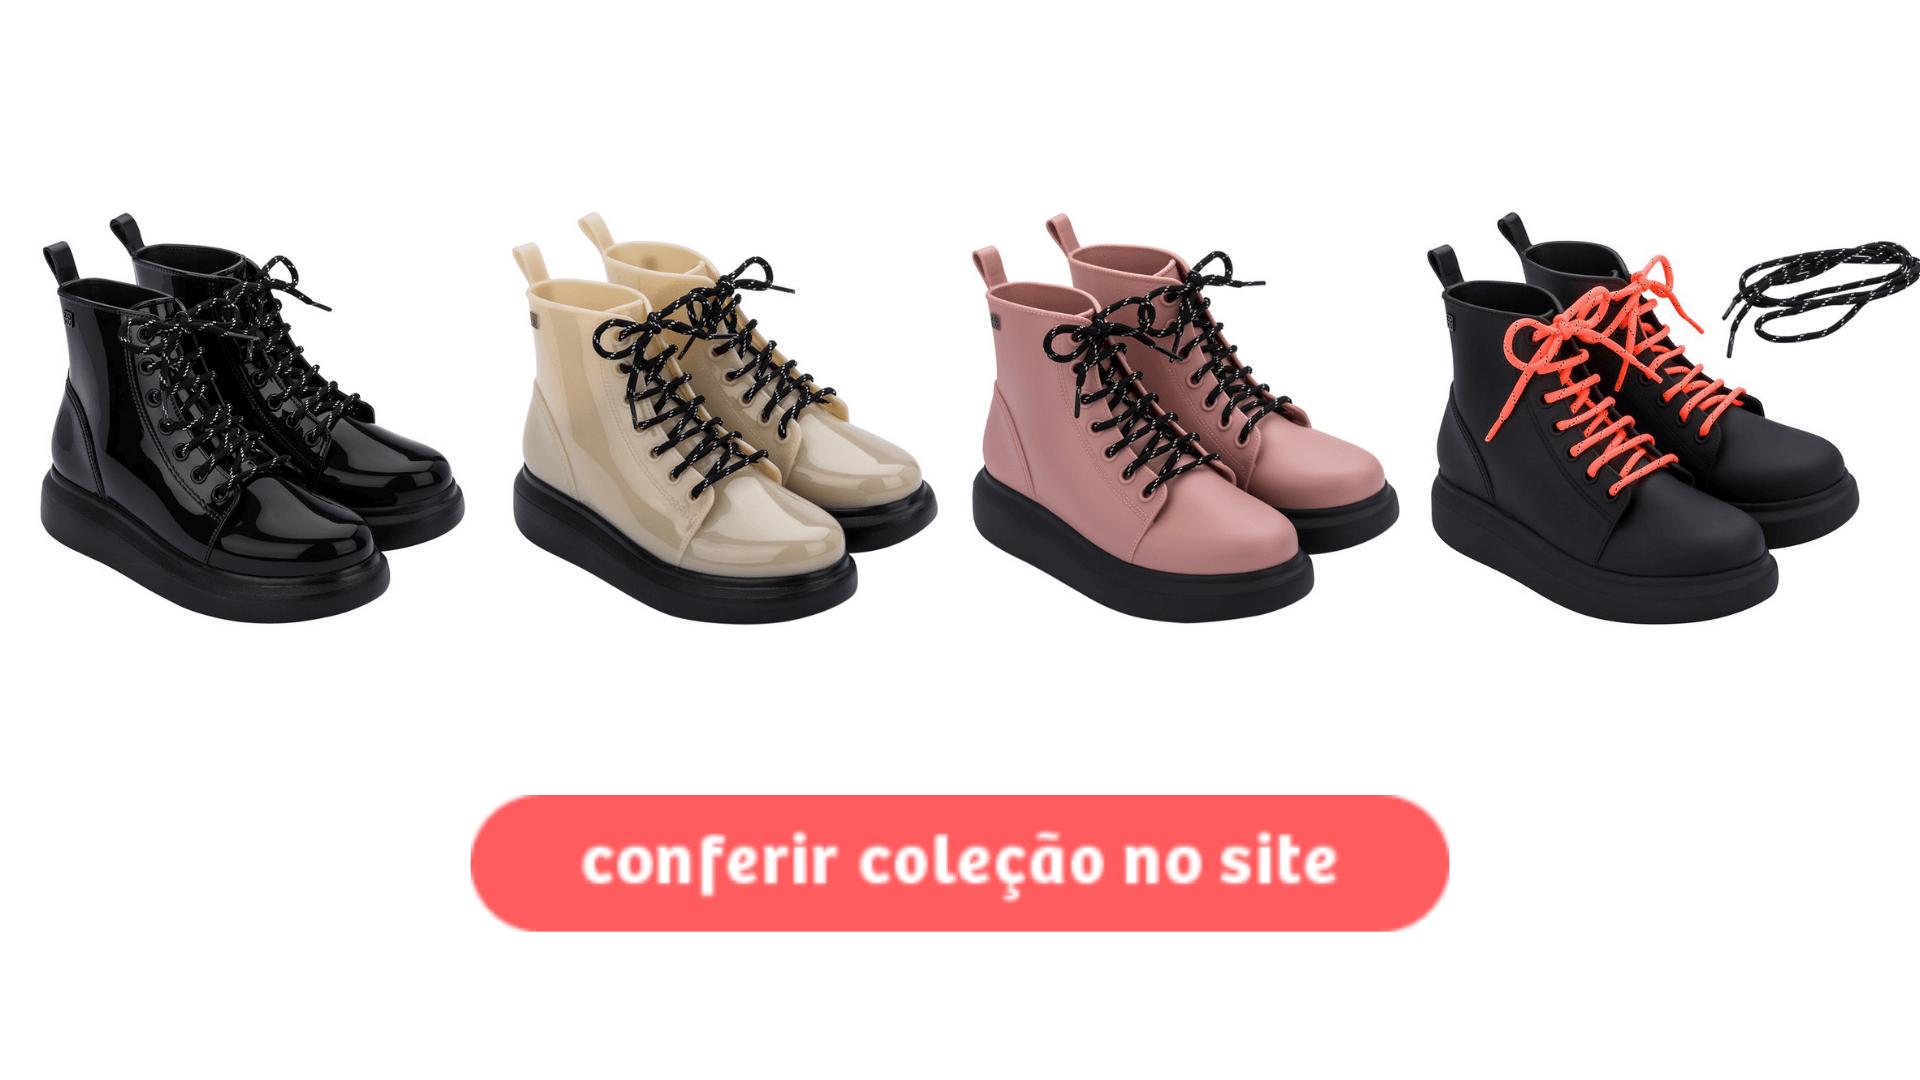 Clique aqui para comprar a Bota Trip para a coleção outono inverno da loja de calçados.